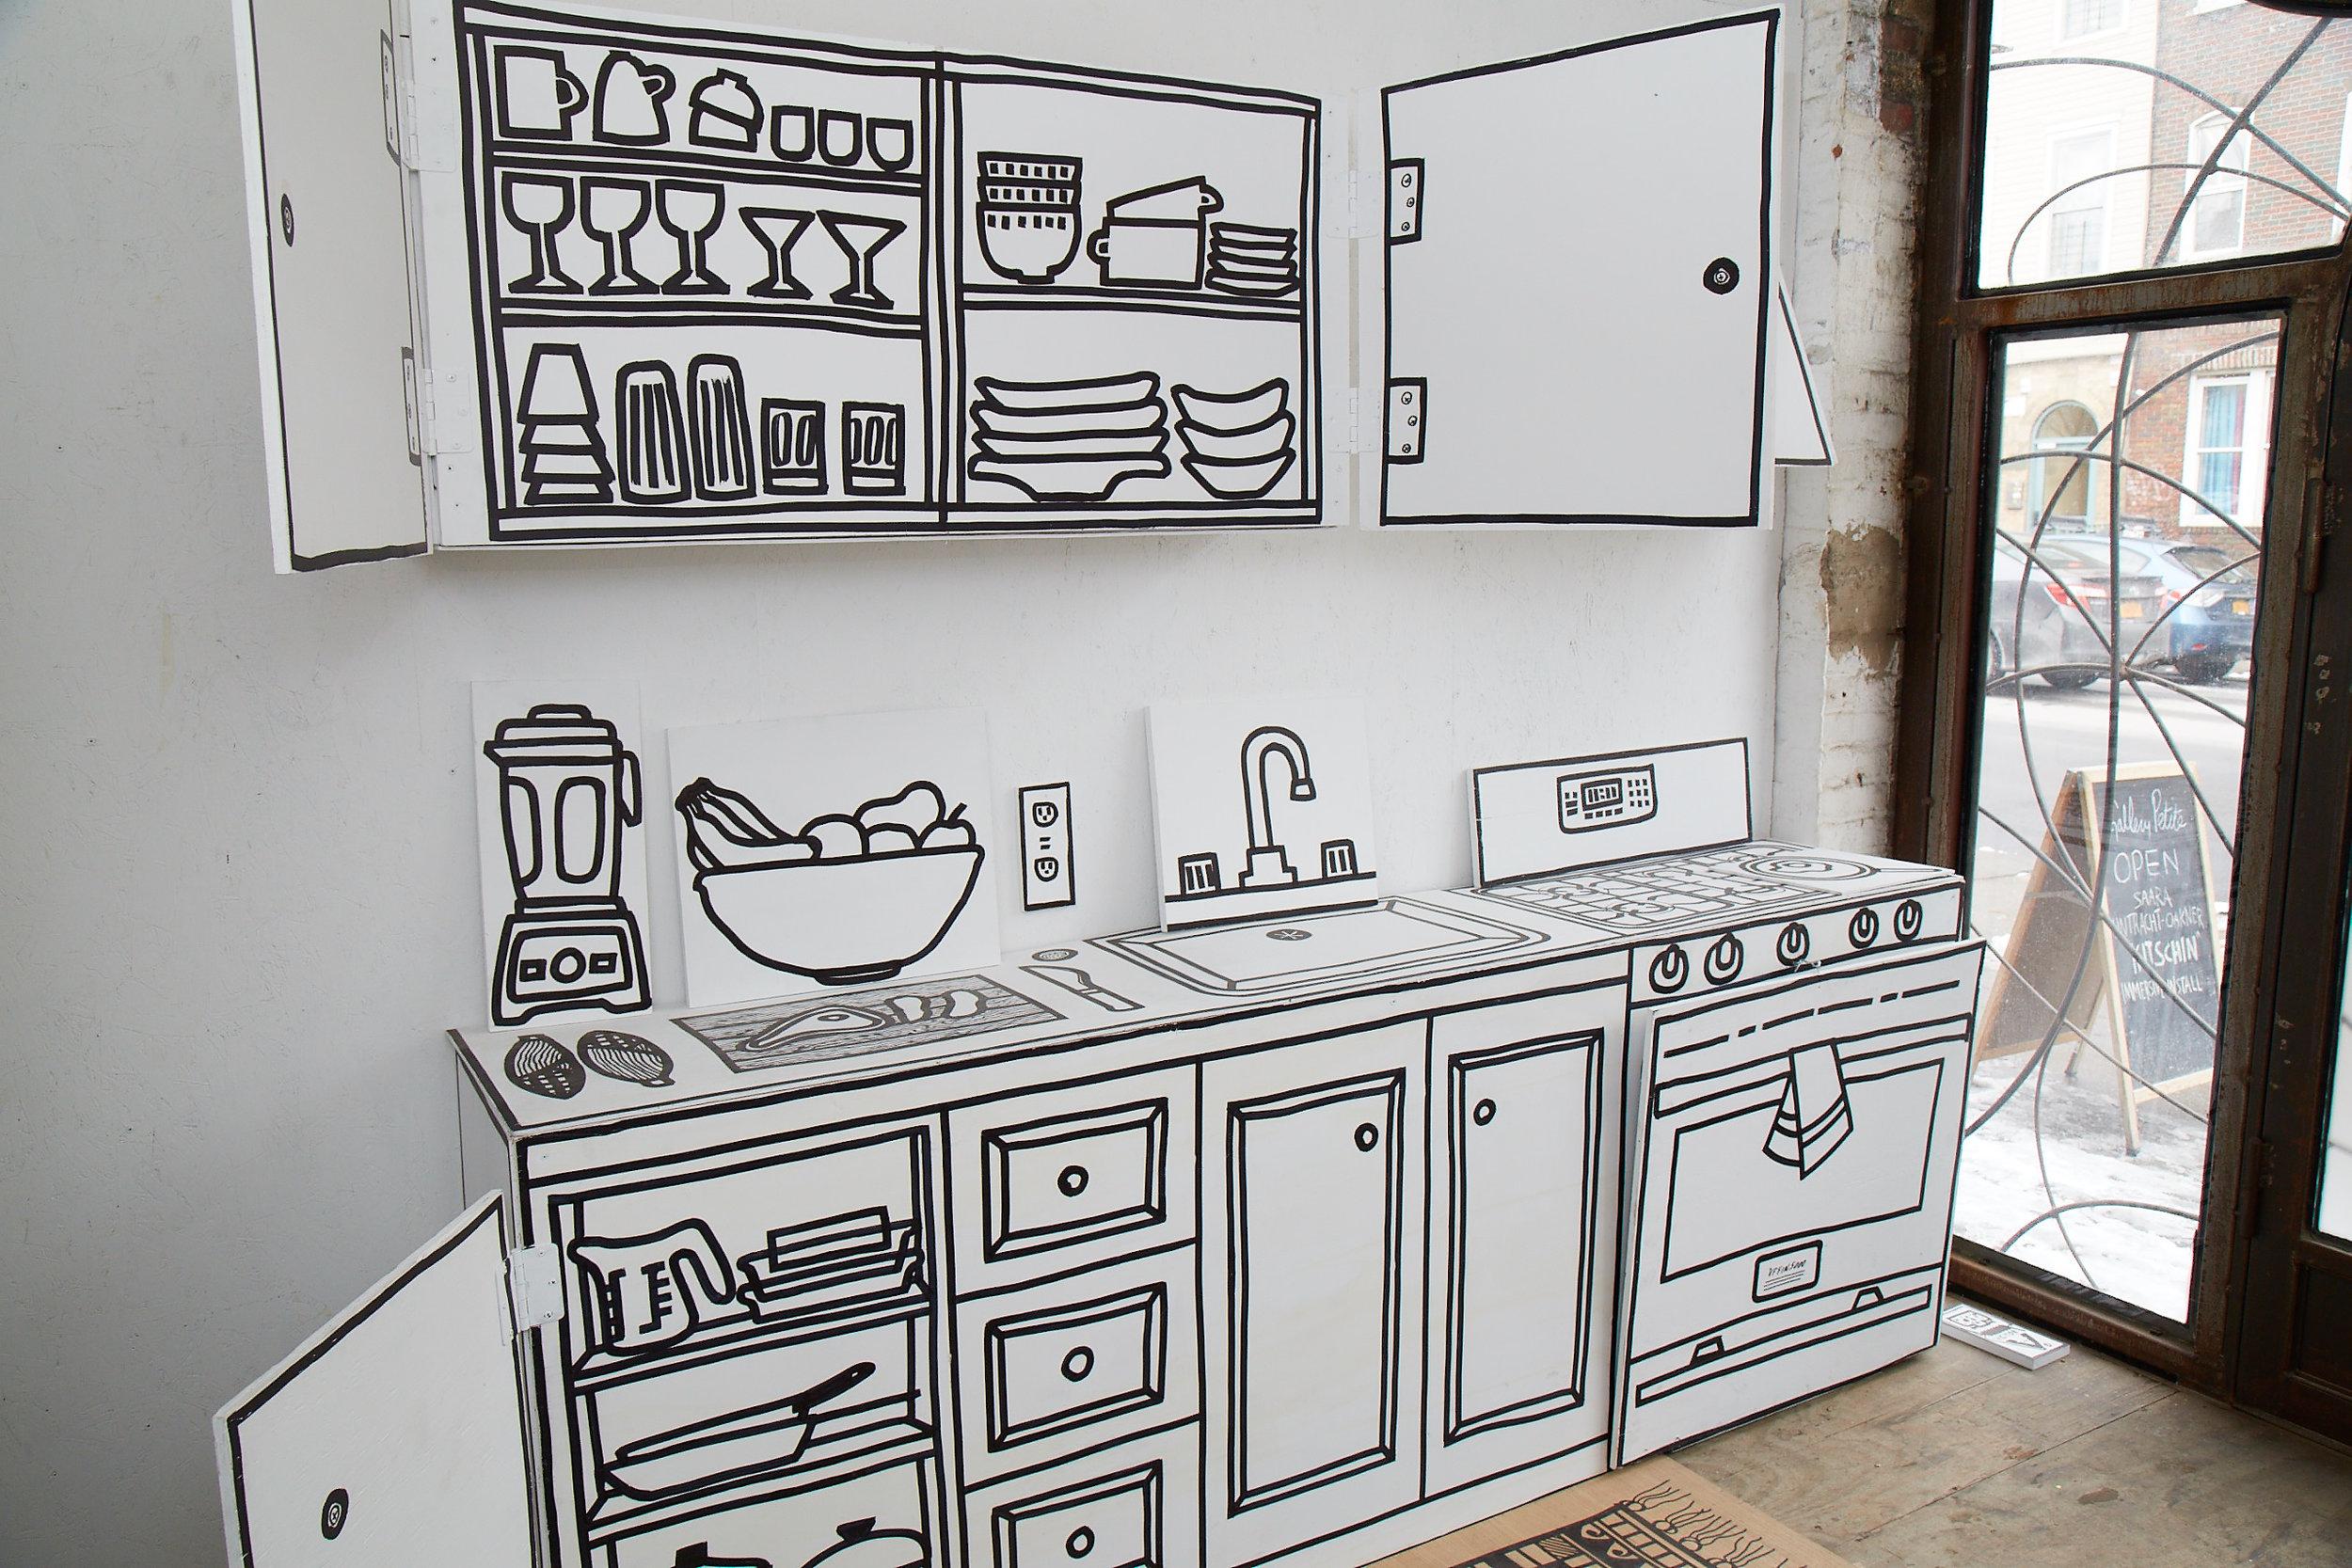 cabinets open.jpg